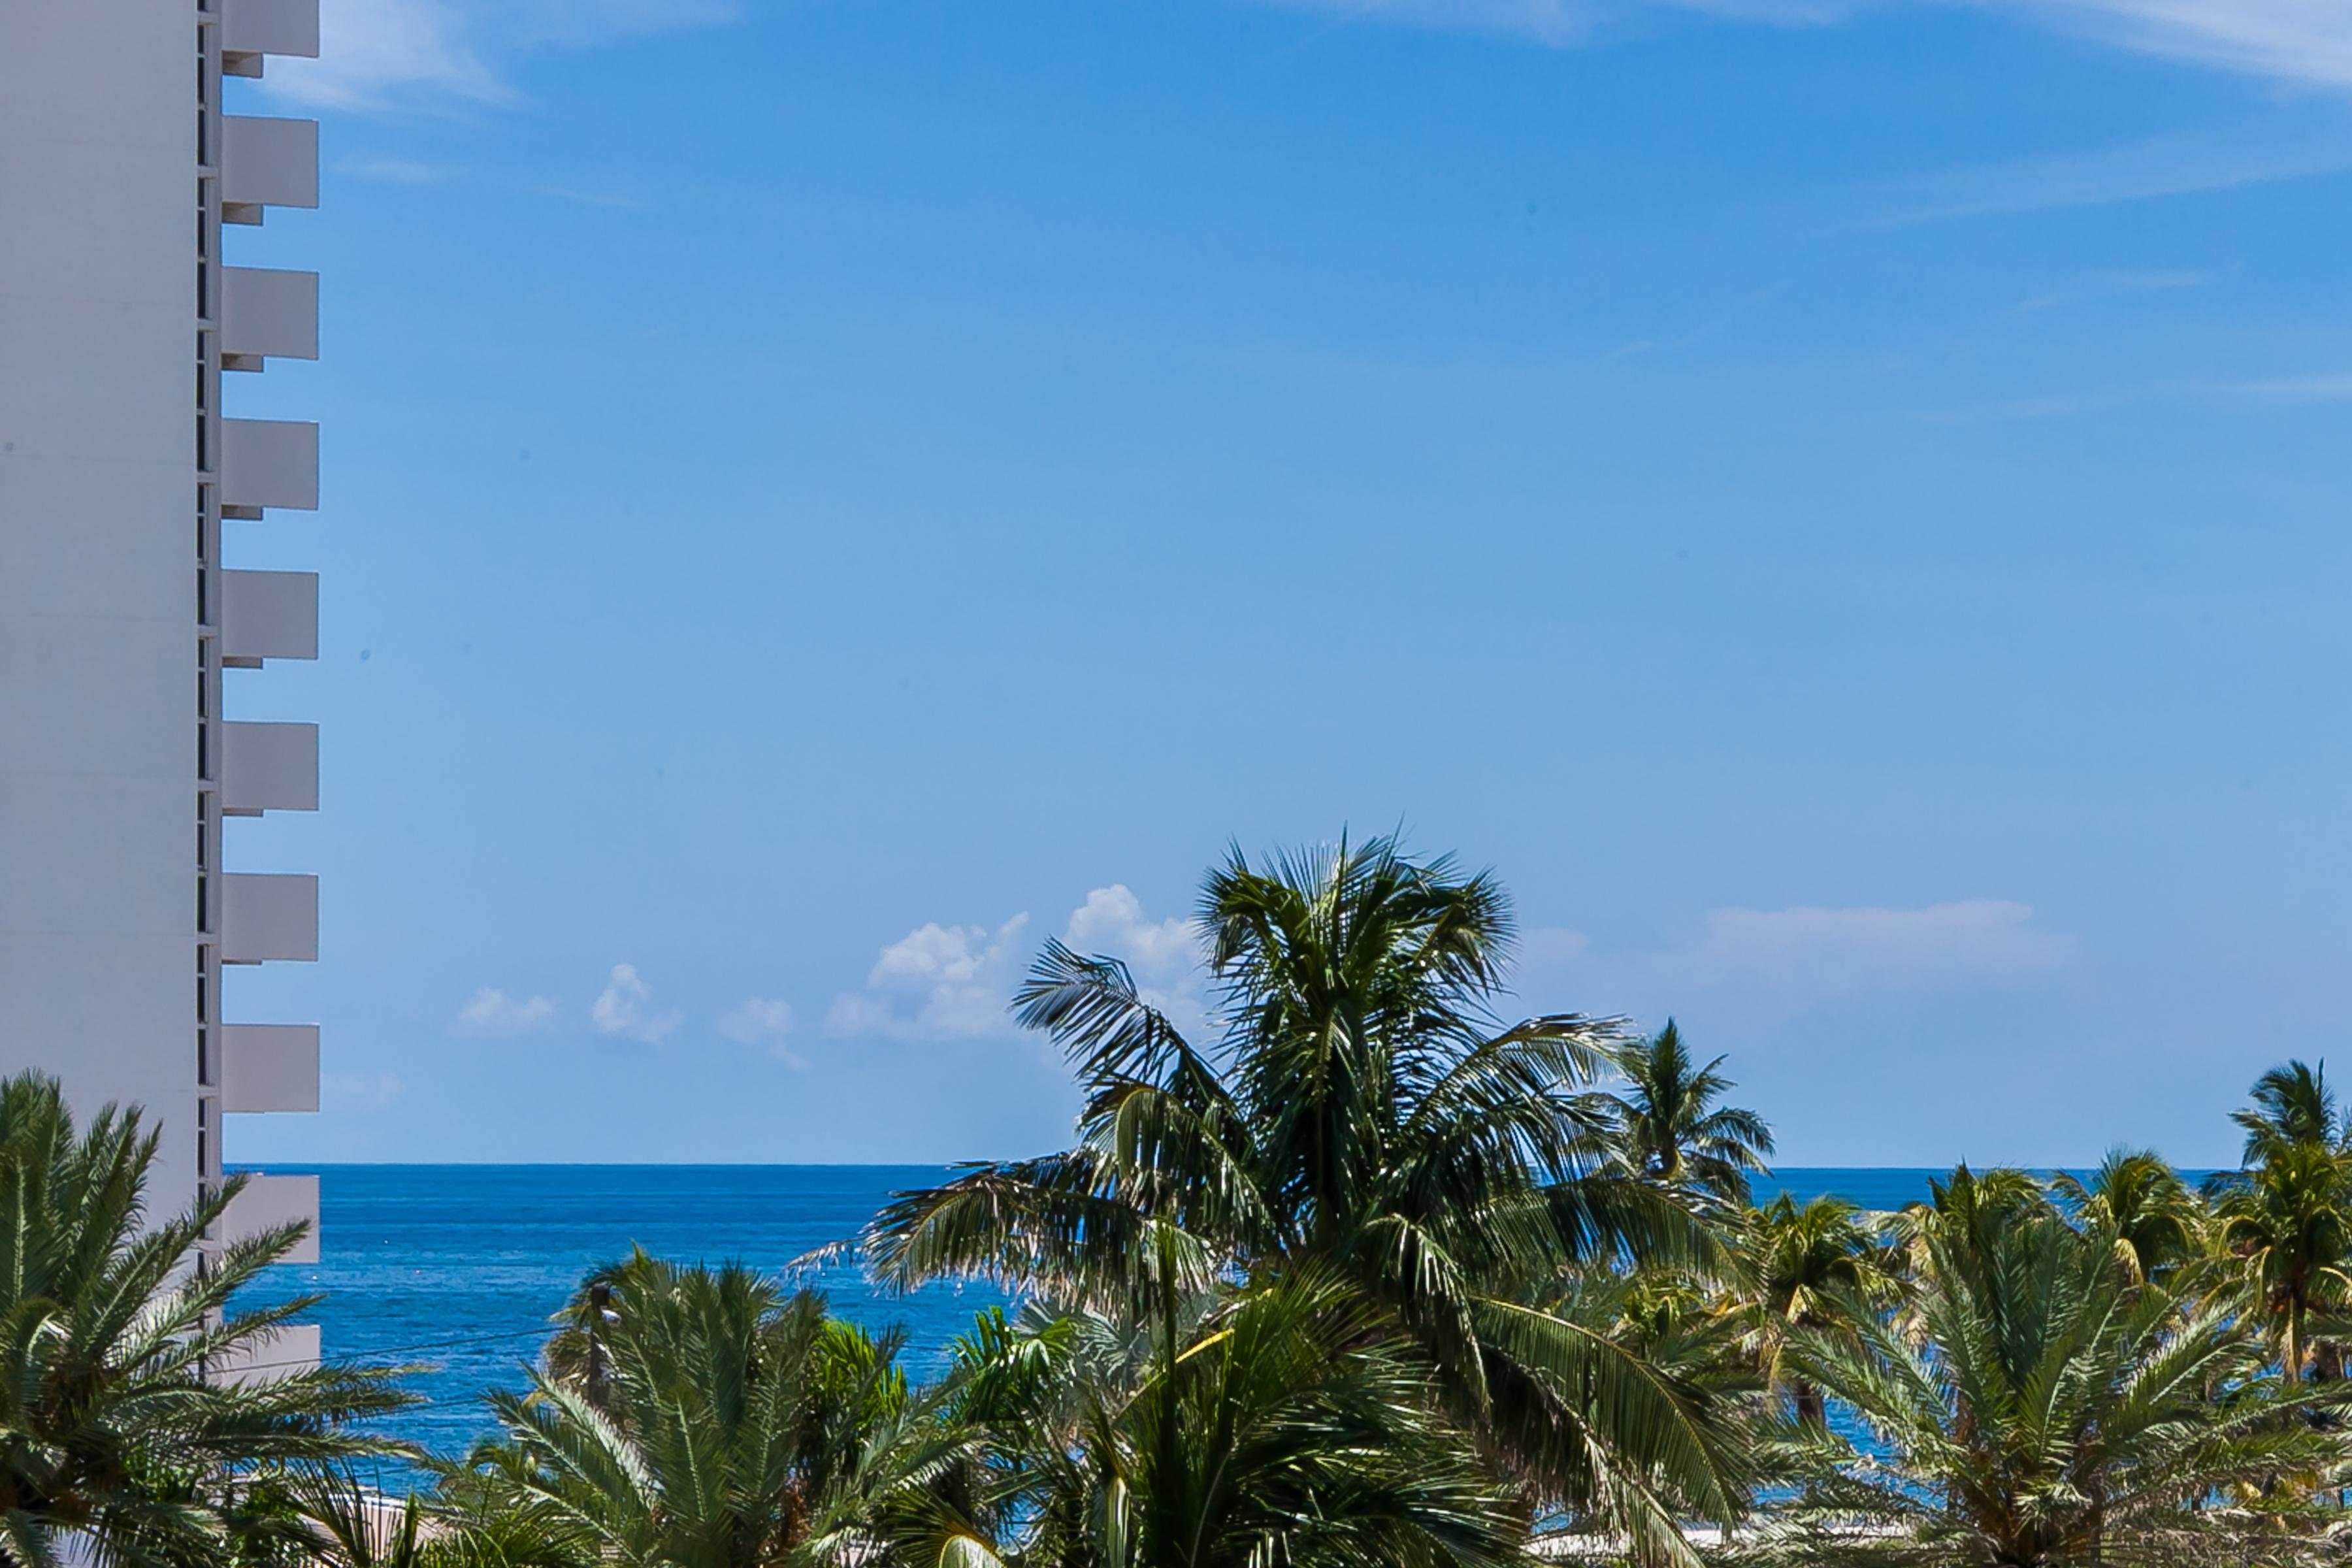 Apartamento para Venda às 1361 S Ocean Blvd #505 1361 S Ocean Blvd 505 Pompano Beach, Florida, 33062 Estados Unidos